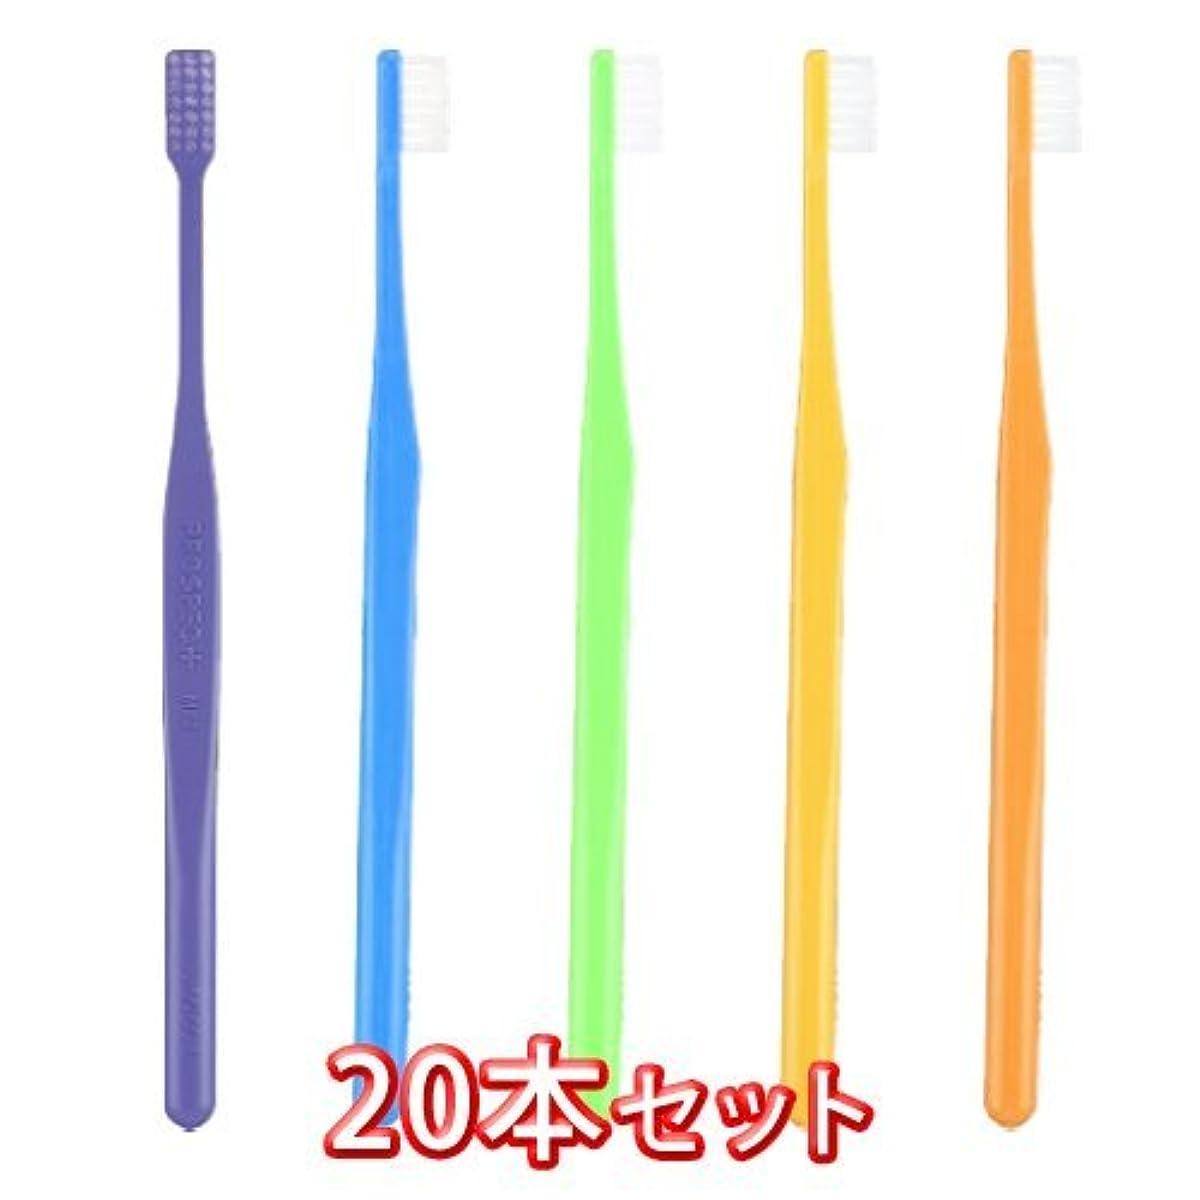 誰でも異常東ティモールプロスペック プラス ミニ歯ブラシ 20本入